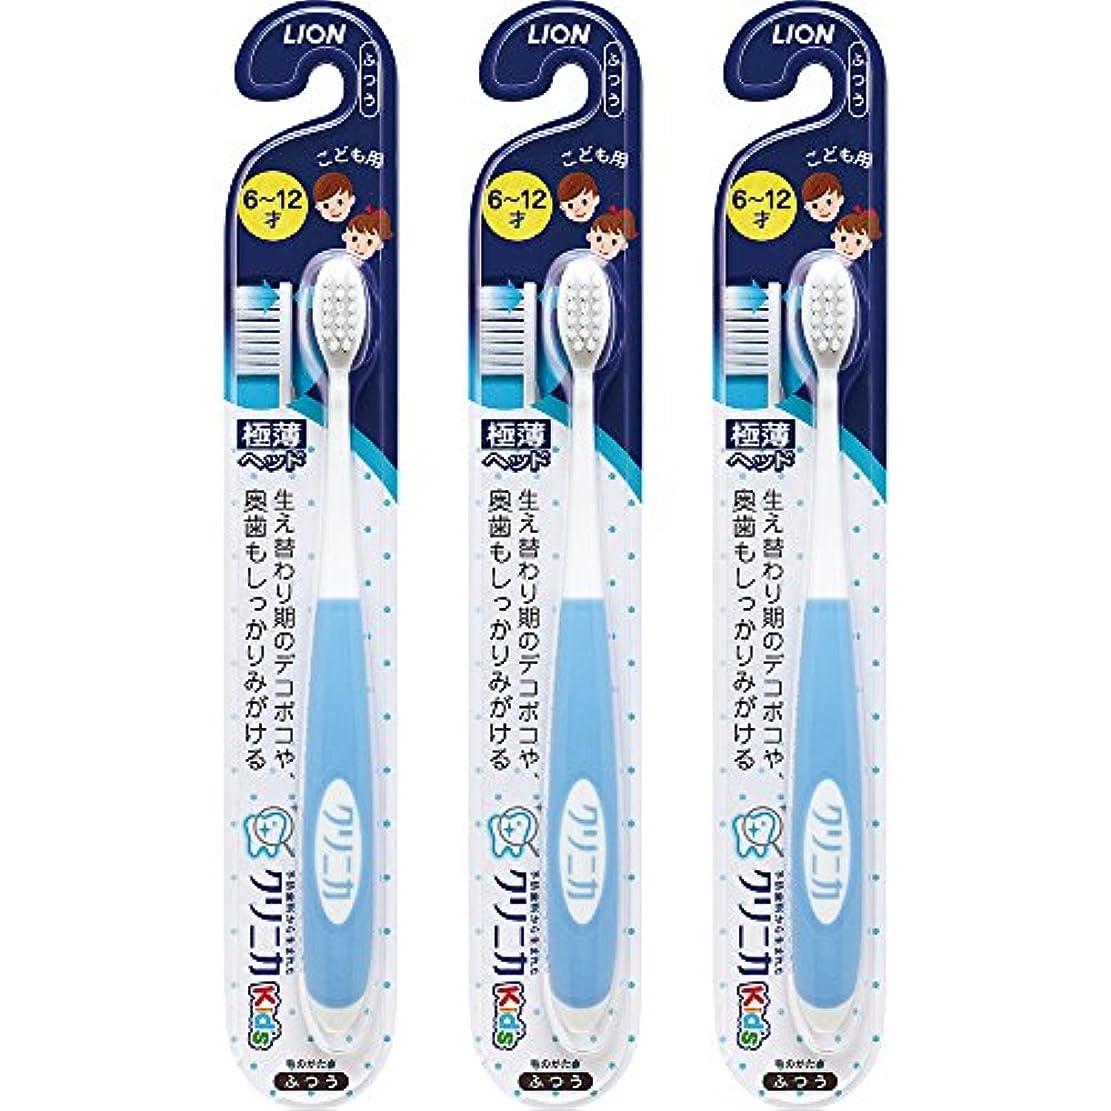 剃る廃止する特にクリニカKid's ハブラシ 6-12才用 3本パック(ブルー)